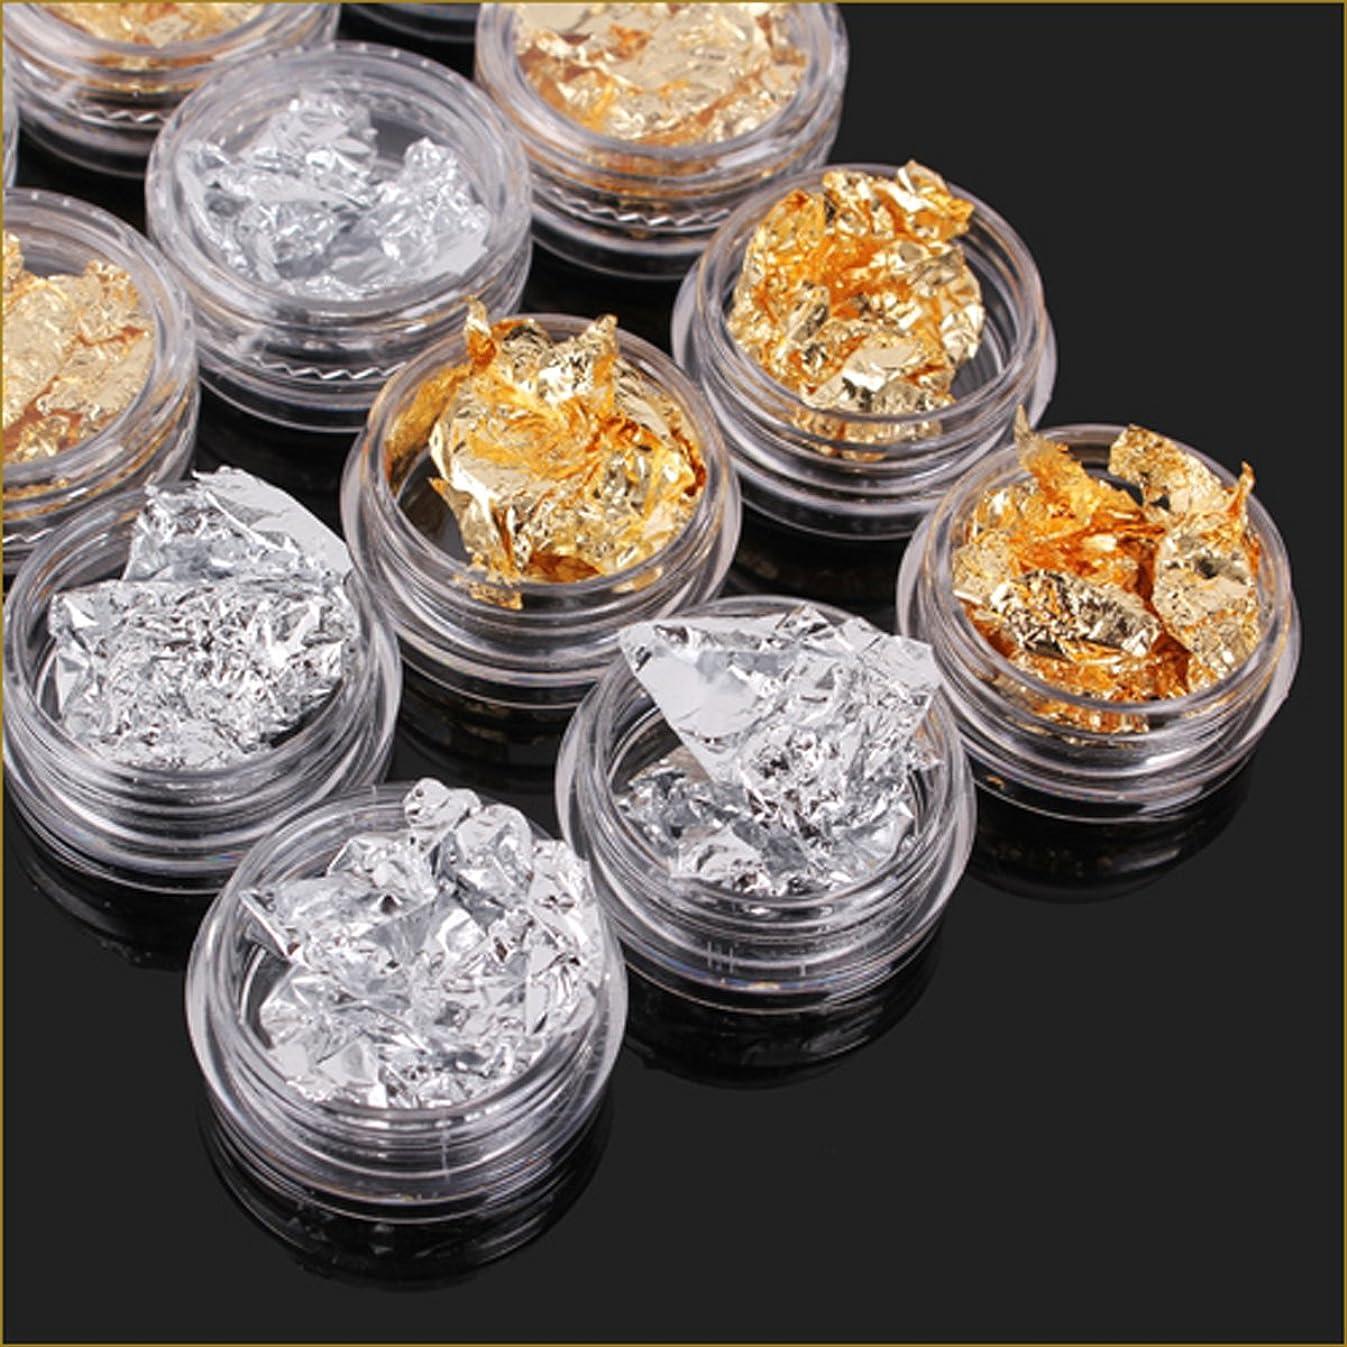 どこ障害メトロポリタンネイル用品金箔 銀箔 大量 2個入り 2色 ケース付き ネイルパーツ メタルスタッズ ネイルナゲット ホイル ベイント用